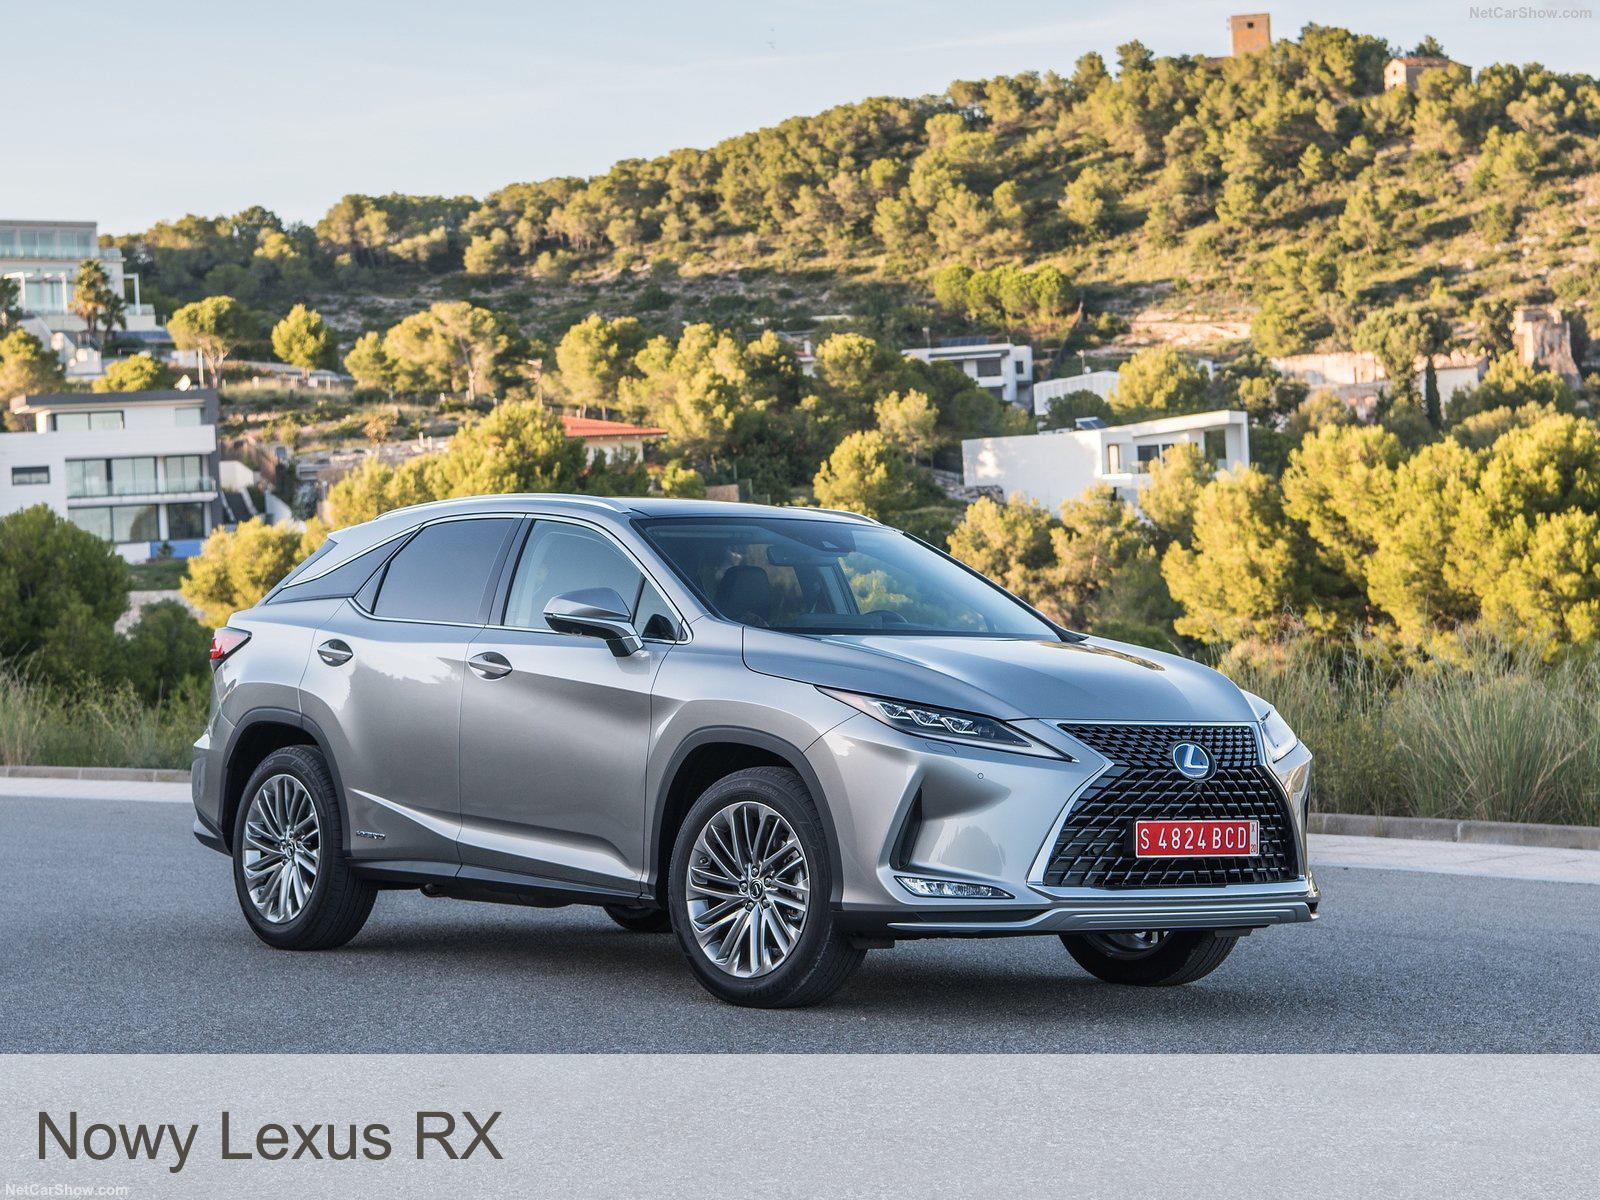 Nowy-Lexus-RX